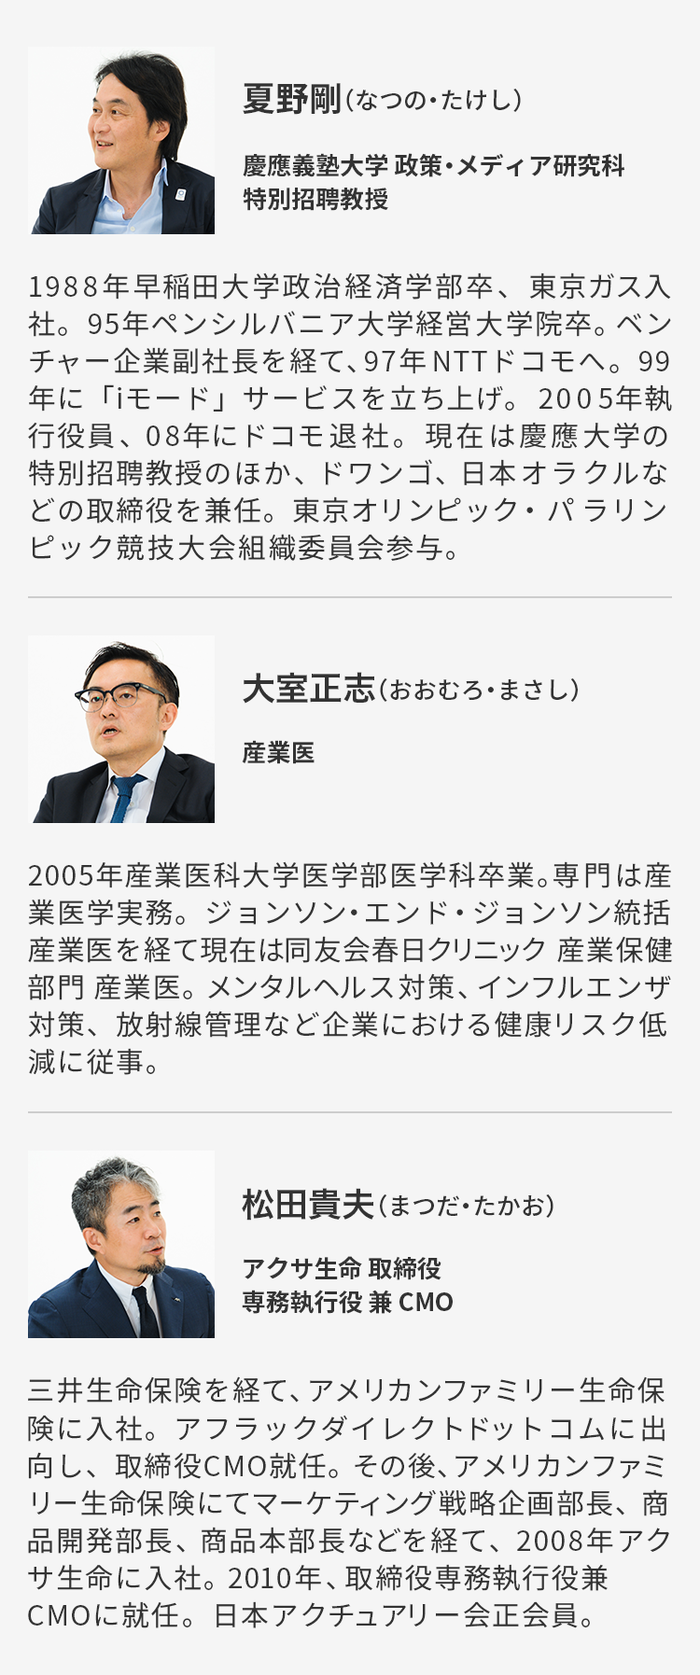 夏野剛(なつの・たけし) 慶應義塾大学 政策・メディア研究科特別招聘教授 1988年早稲田大学政治経済学部卒、東京ガス入社。95年ペンシルバニア大学経営大学院卒。ベンチャー企業副社長を経て、97年NTTドコモへ。99年に「iモード」サービスを立ち上げ。2005年執行役員、08年にドコモ退社。現在は慶應大学の特別招聘教授のほか、ドワンゴ、日本オラクルなどの取締役を兼任。東京オリンピック・パラリンピック競技大会組織委員会参与。  大室正志(おおむろ・まさし) 産業医 2005年産業医科大学医学部医学科卒業。専門は産業医学実務。ジョンソン・エンド・ジョンソン統括産業医を経て現在は同友会春日クリニック 産業保健部門 産業医。メンタルヘルス対策、インフルエンザ対策、放射線管理など企業における健康リスク低減に従事。  松田貴夫(まつだ・たかお) アクサ生命 取締役 専務執行役 兼 CMO 三井生命保険を経て、アメリカンファミリー生命保険に入社。アフラックダイレクトドットコムに出向し、取締役CMO就任。その後、アメリカンファミリー生命保険にてマーケティング戦略企画部長、商品開発部長、商品本部長を経て、2008年アクサ生命に入社。2010年、取締役専務執行役兼CMOに就任。日本アクチュアリー会正会員。